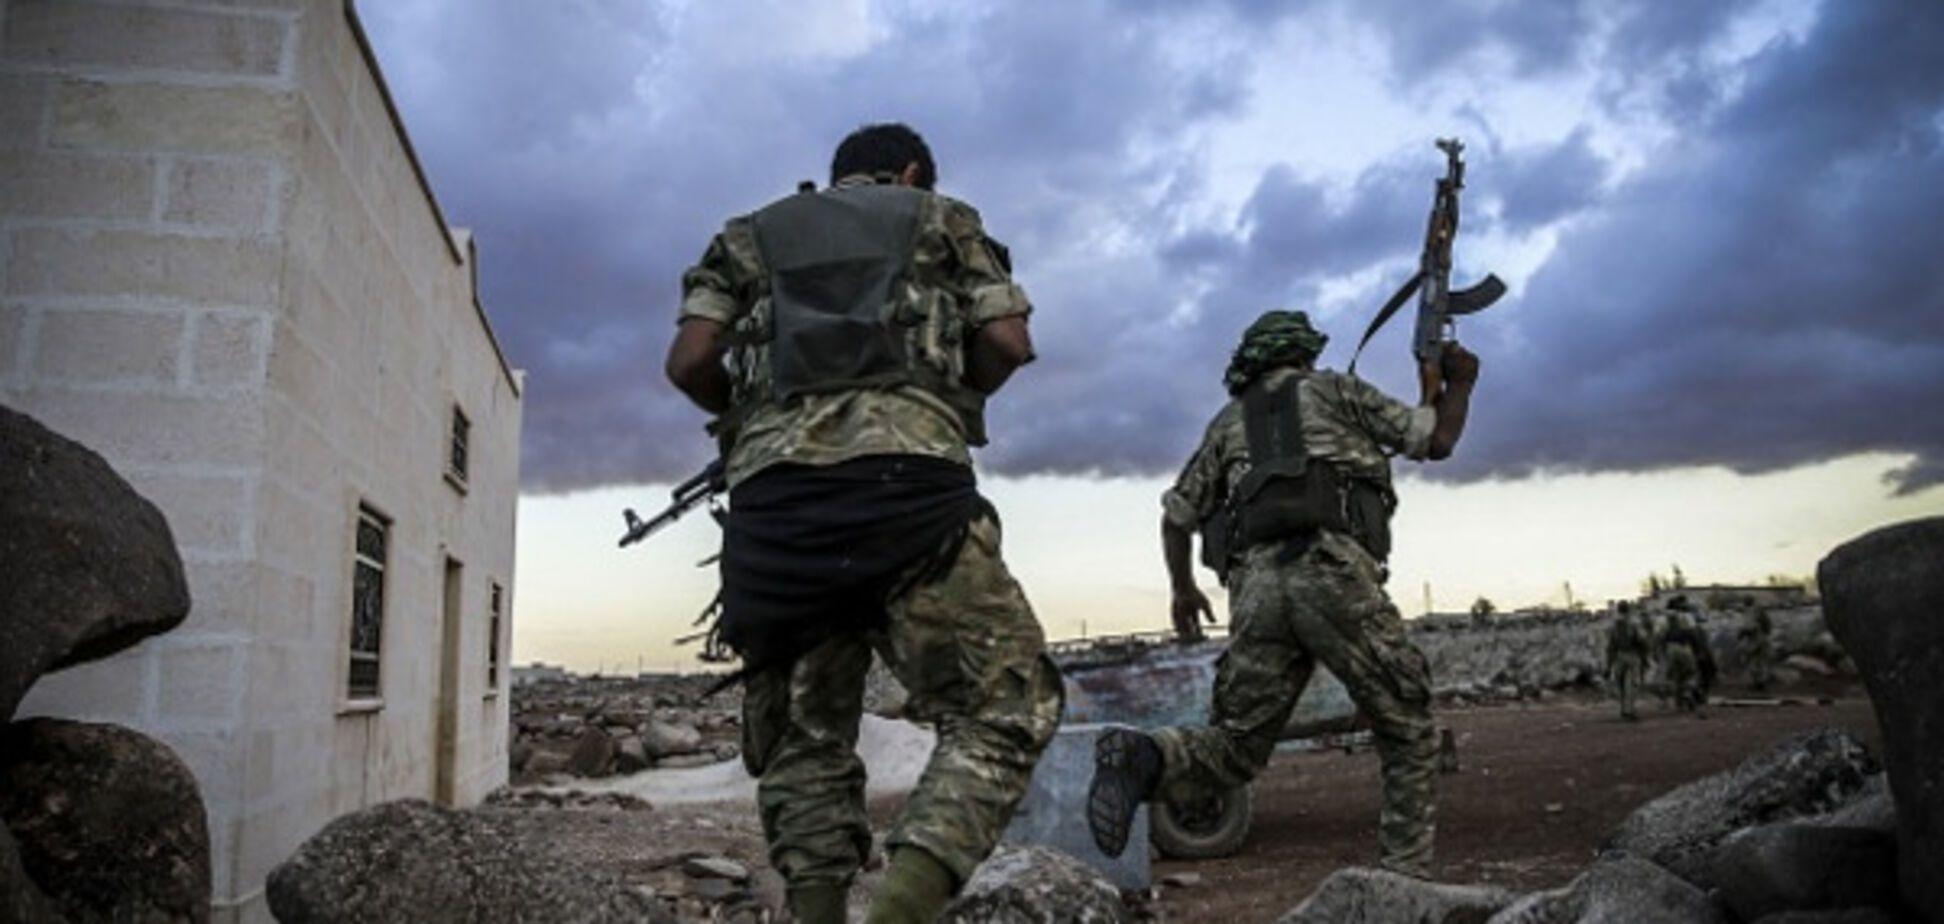 Війська Асада провели масову страту в \'звільненому\' Алеппо